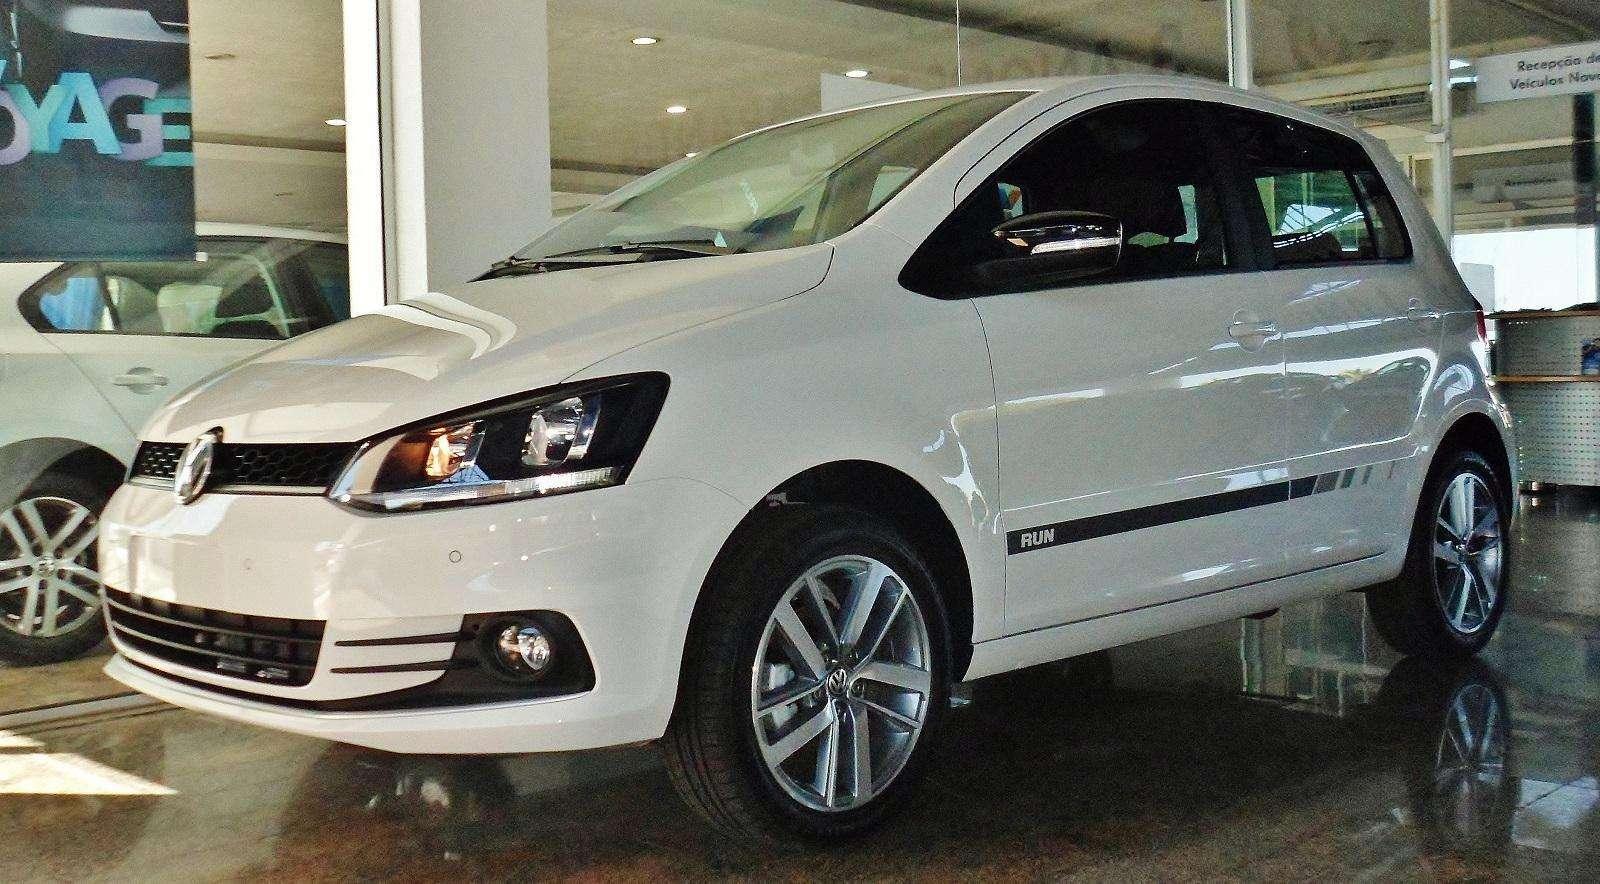 Volkswagen Fox Run se destaca pelo estilo jovem e lista de equipamentos